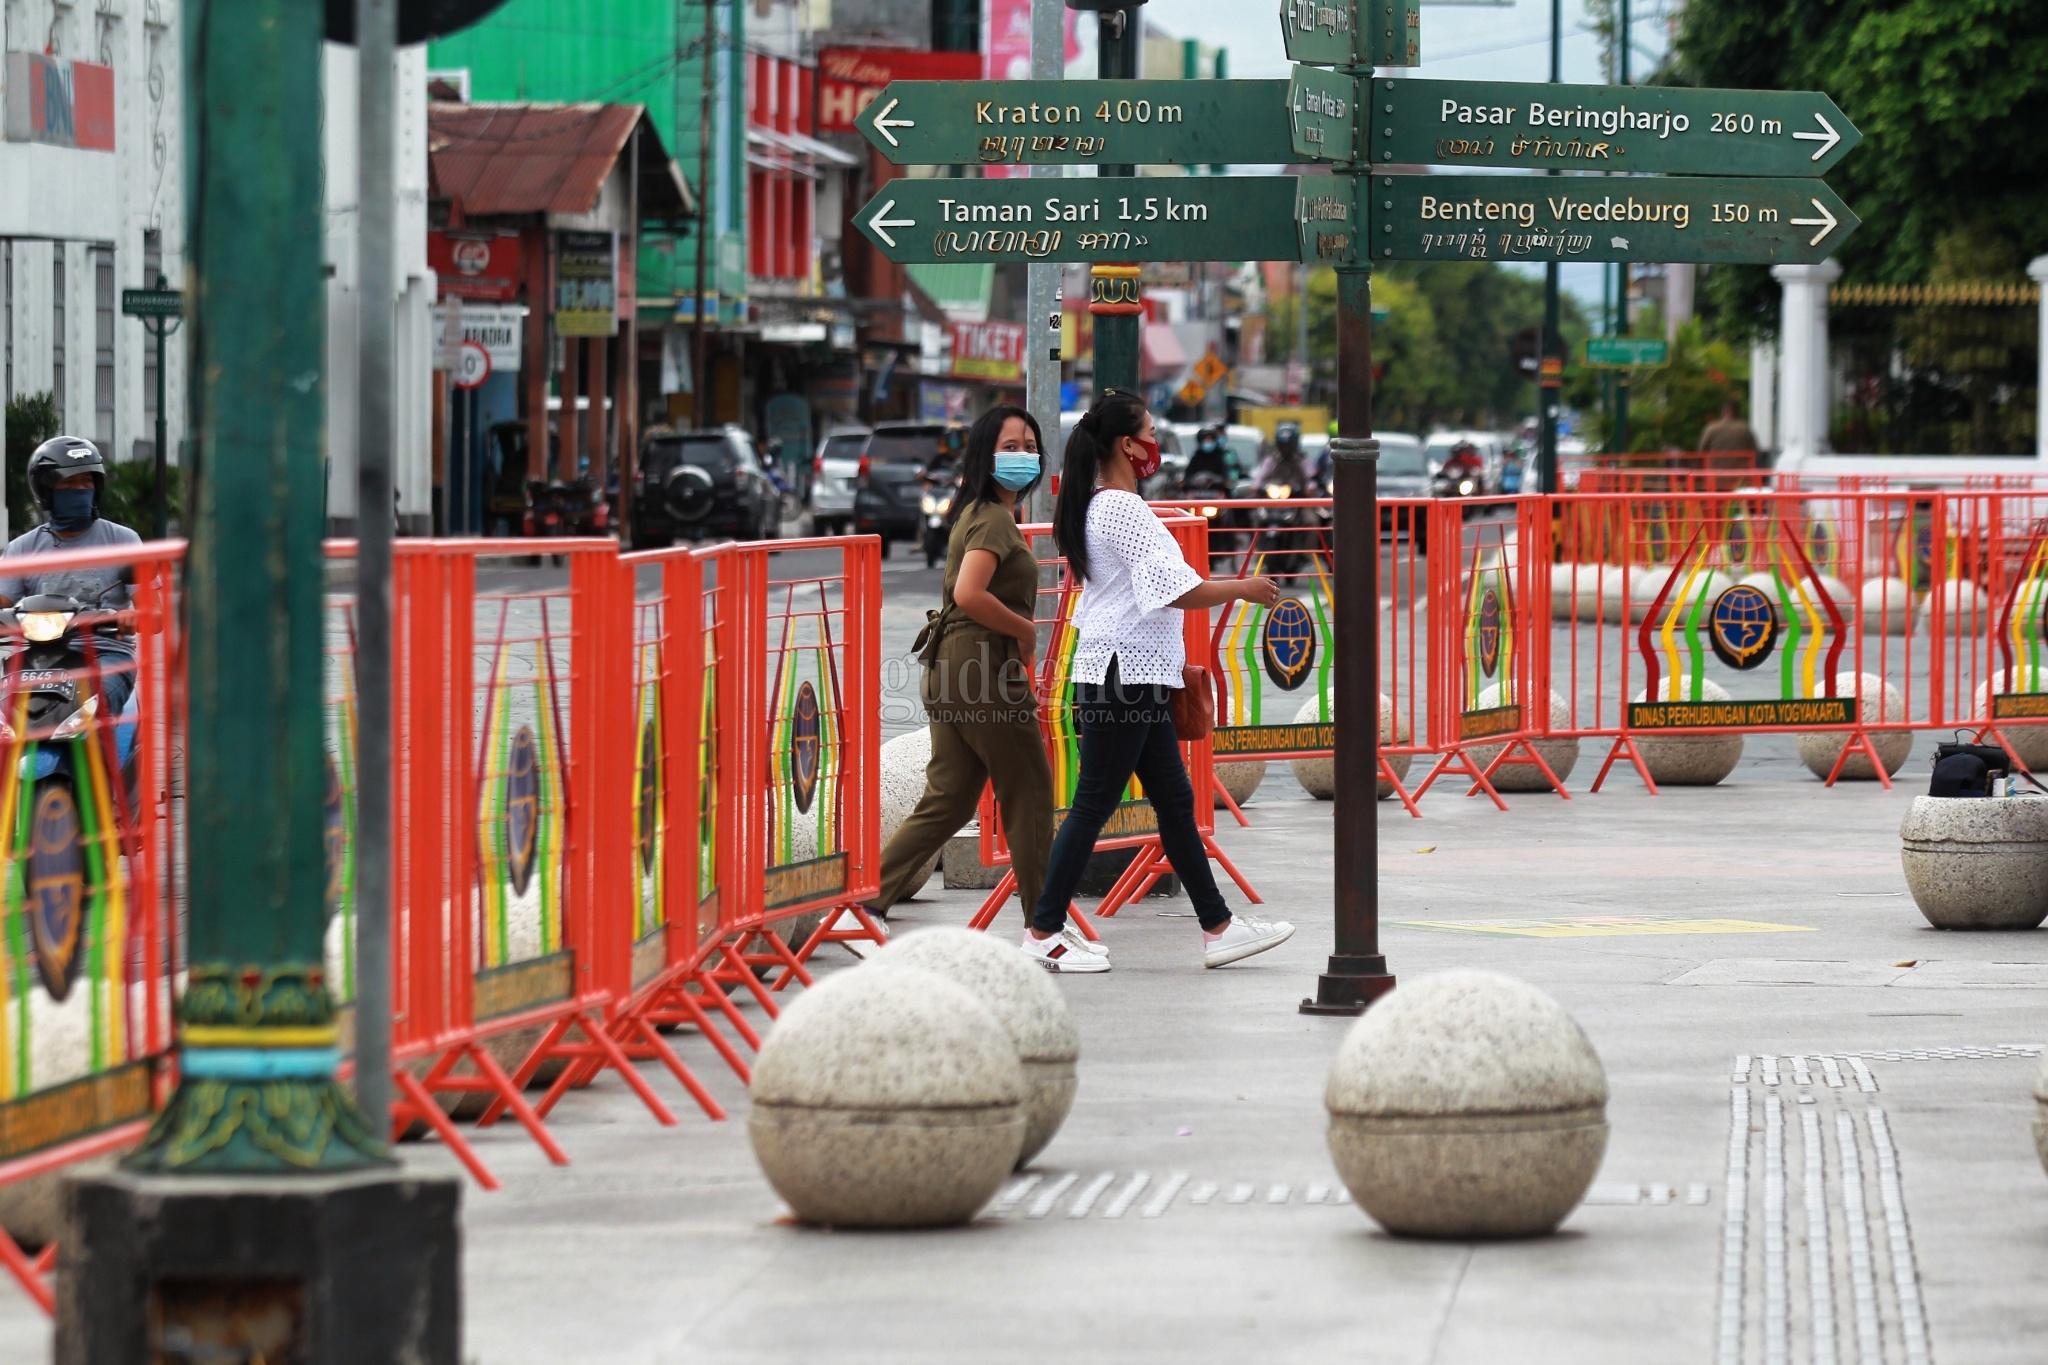 Cegah Kerumunan, Lokasi Wisata di Kota Yogyakarta Ini Dipagari